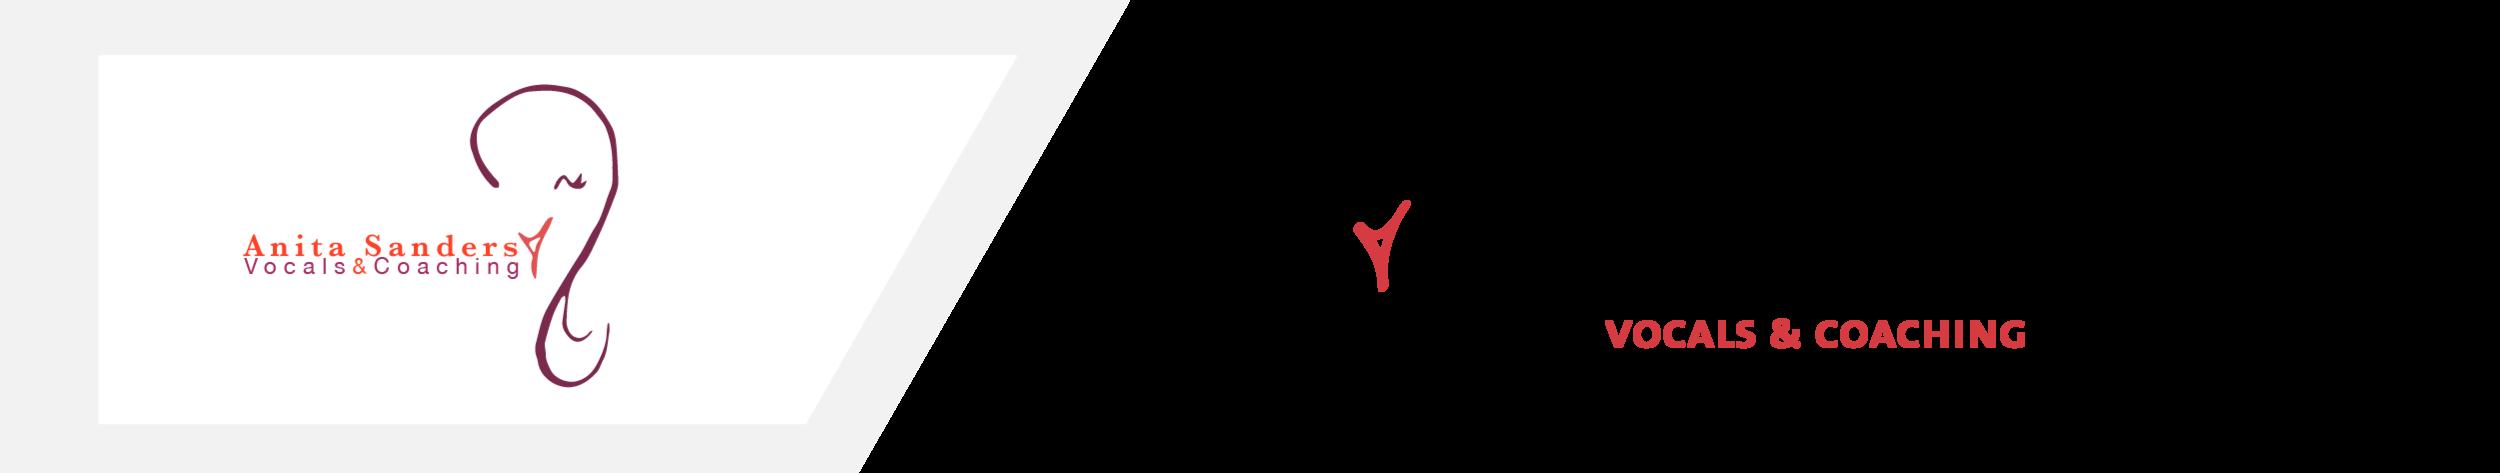 Links het oude logo, rechts het eerste voorstel voor het vernieuwde logo >>  aangepaste typografie, beeldmerk, kleuren en compositie.